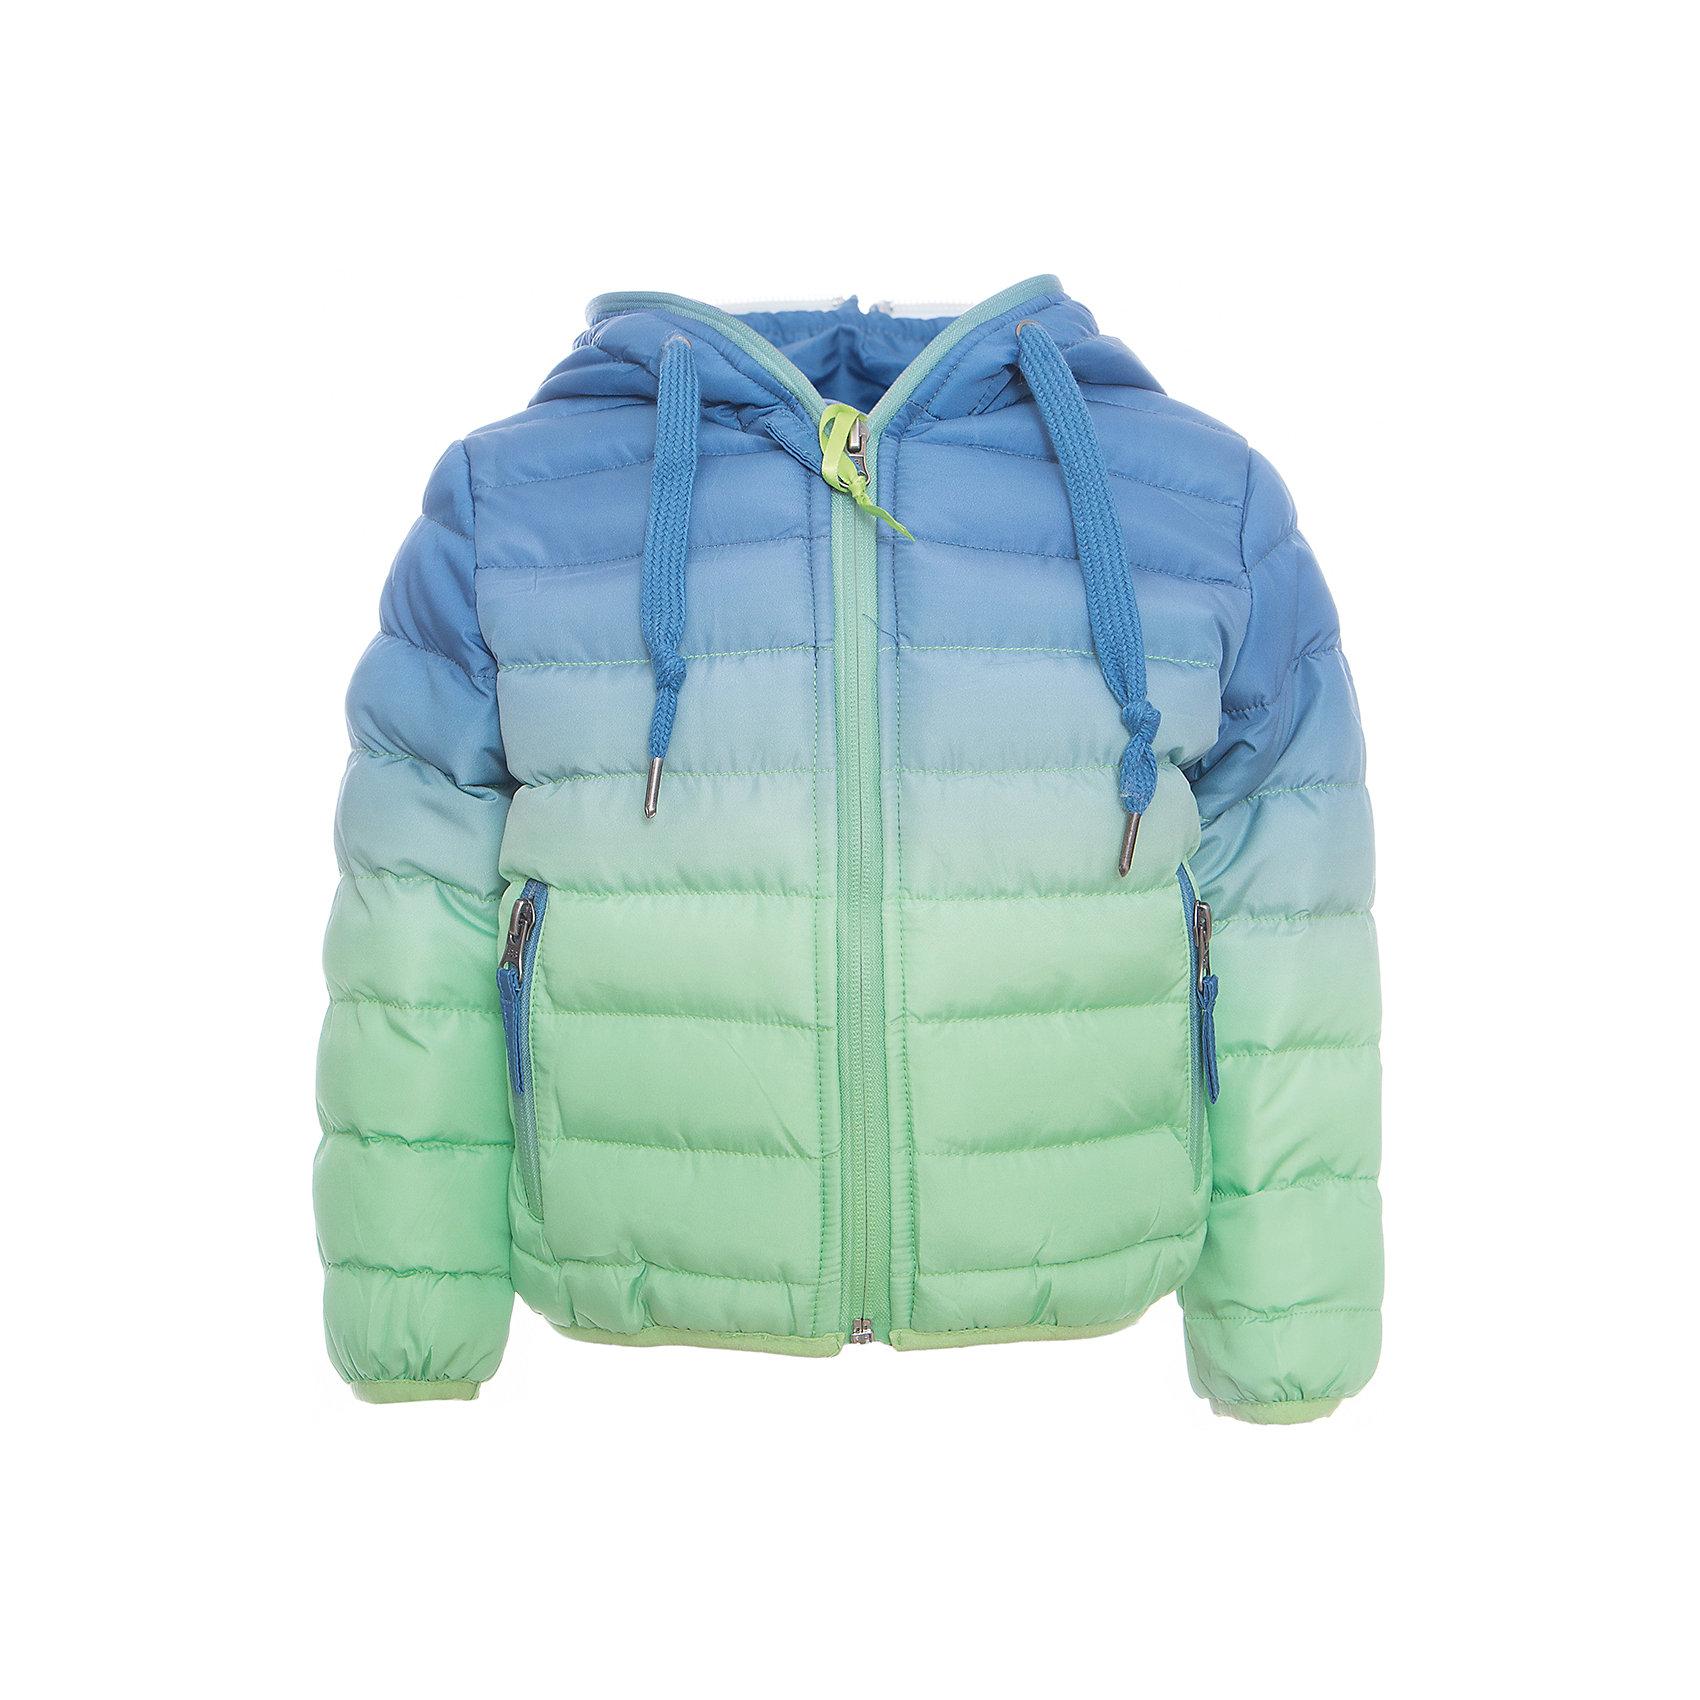 Куртка для мальчика Sweet BerryВерхняя одежда<br>Утепленная, стеганая куртка с градиентом для мальчика. Низ куртки и рукава декорированы контрастной резинкой. Капюшон с дополнительной утяжкой. Вертикальные карманы и куртка застегиваются на молнию. Комфортная температура эксплуатации от 0 до +10 С.<br>Состав:<br>Верх: 100%полиэстер. Подкладка: 65%хлопок 35%полиэстер. Наполнитель: 100%полиэстер<br><br>Ширина мм: 356<br>Глубина мм: 10<br>Высота мм: 245<br>Вес г: 519<br>Цвет: зеленый<br>Возраст от месяцев: 12<br>Возраст до месяцев: 15<br>Пол: Мужской<br>Возраст: Детский<br>Размер: 80,86,92,98<br>SKU: 5411546